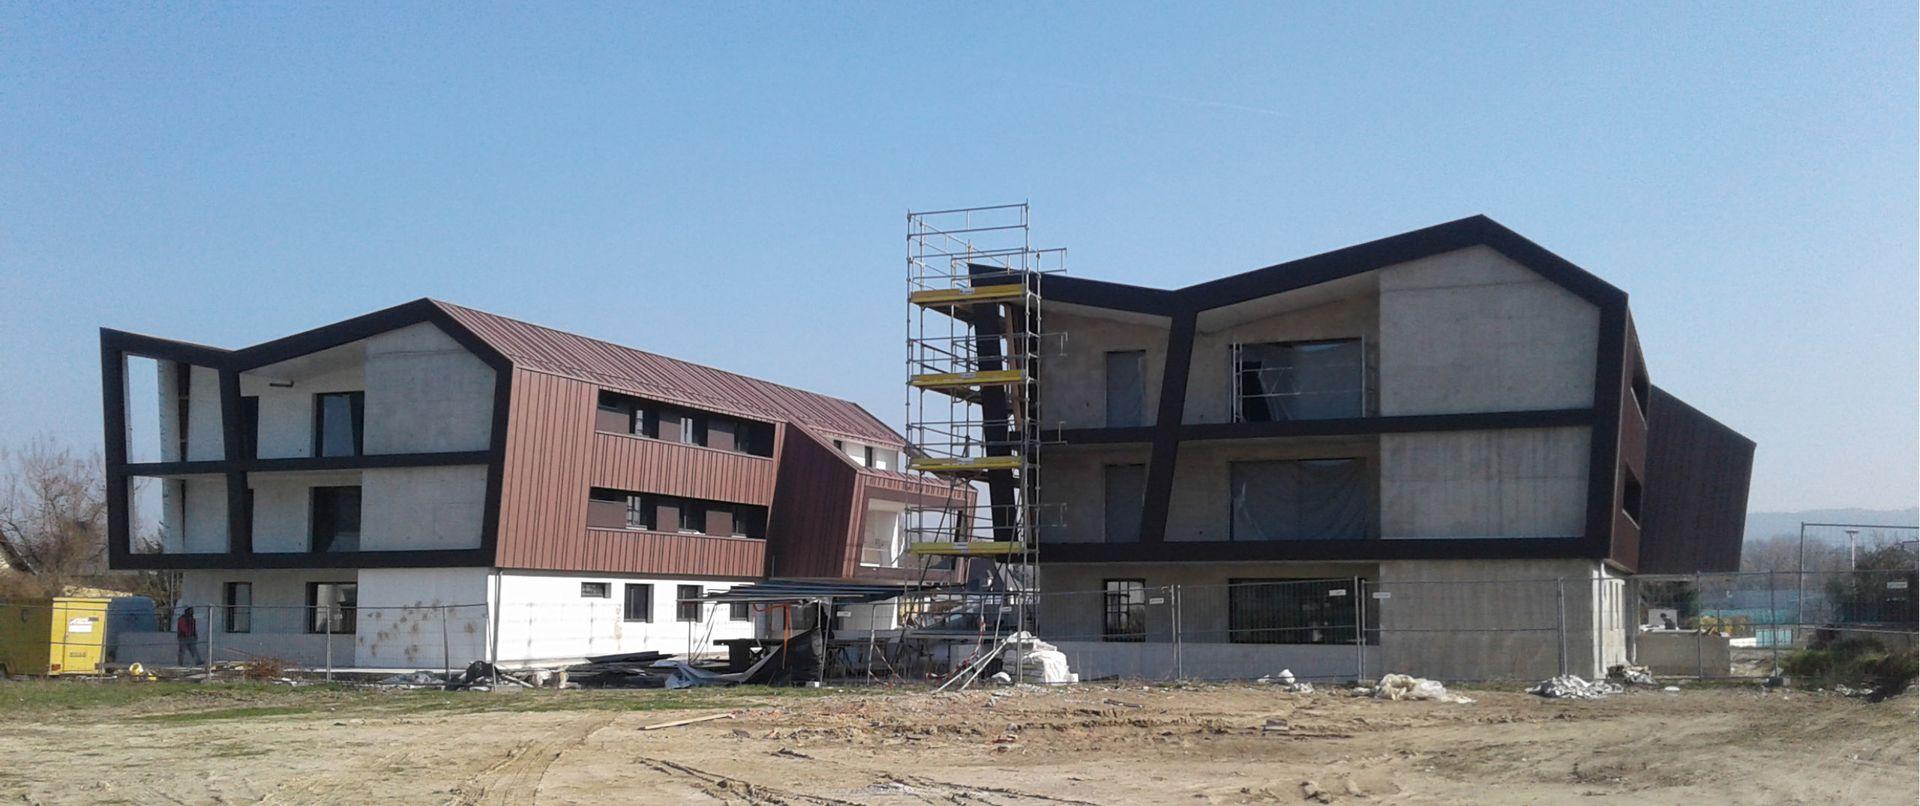 Construction logements village neuf alsace aea architectes for Aea architecte